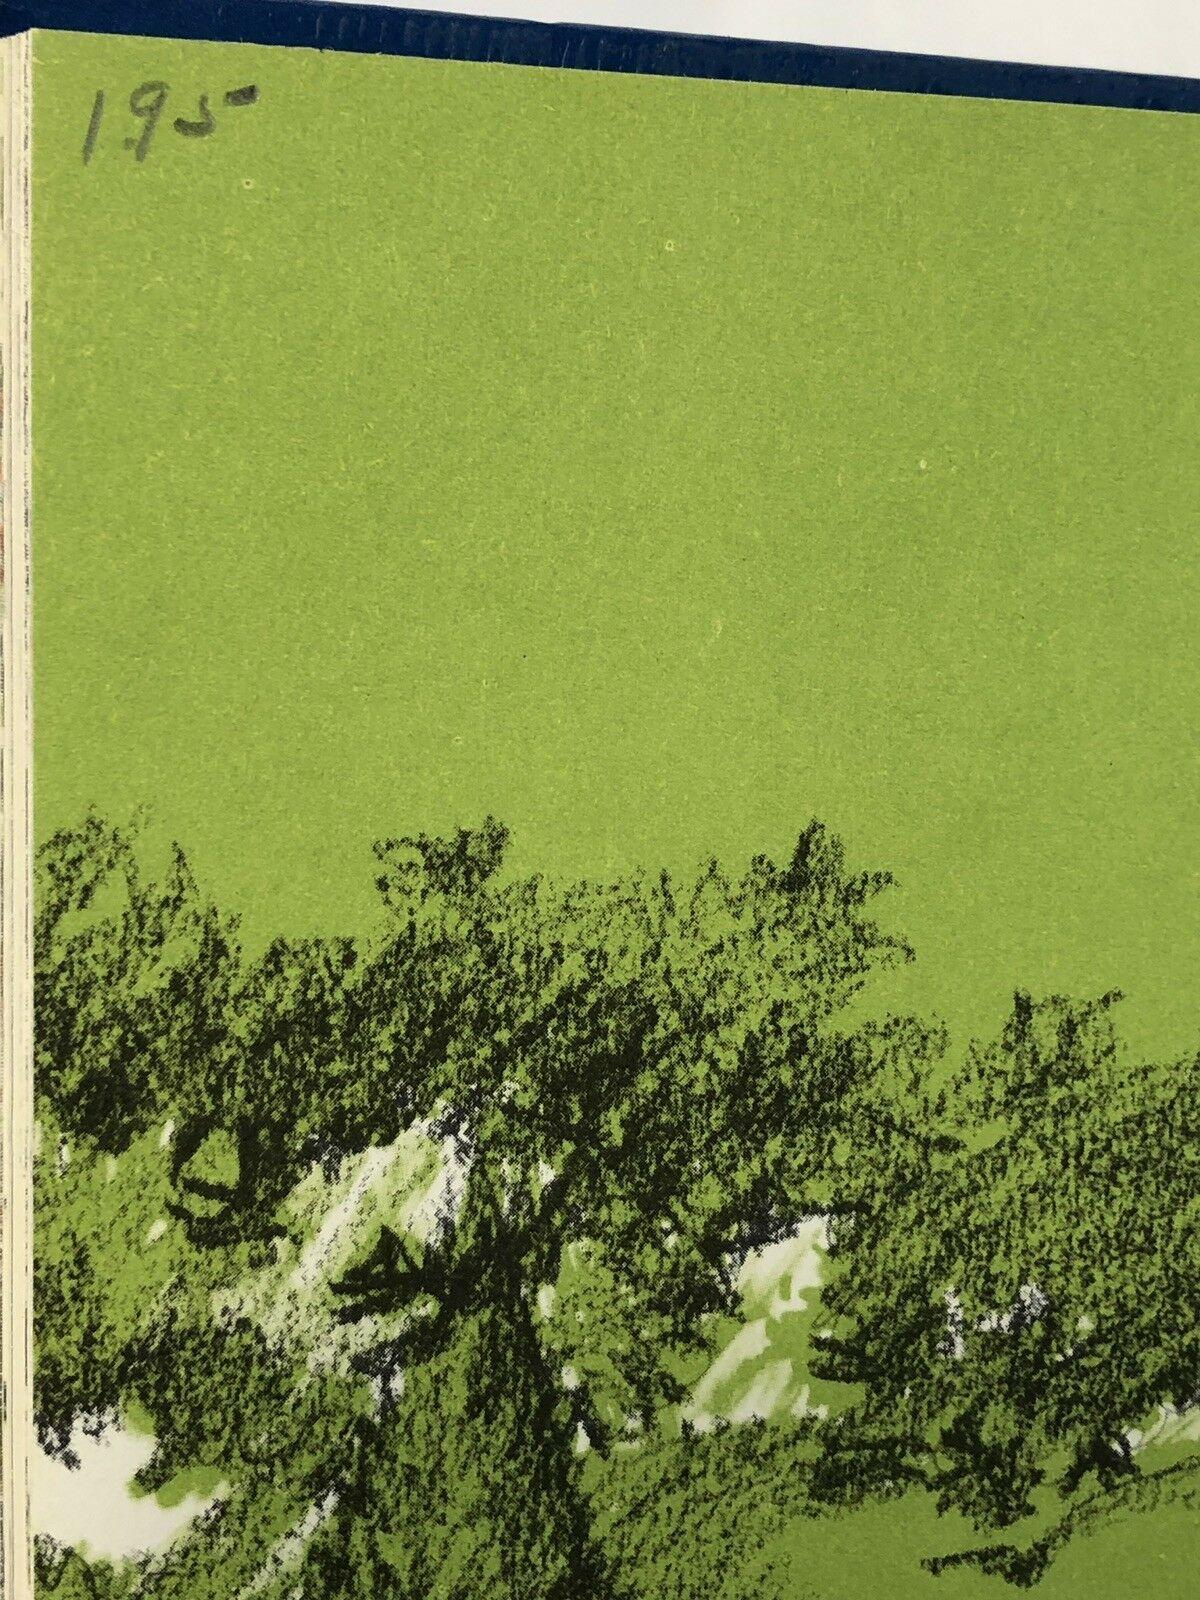 The King's Wish Benjamin Elkin 1960 Beginner Books with DJ Dust Jacket 195/195